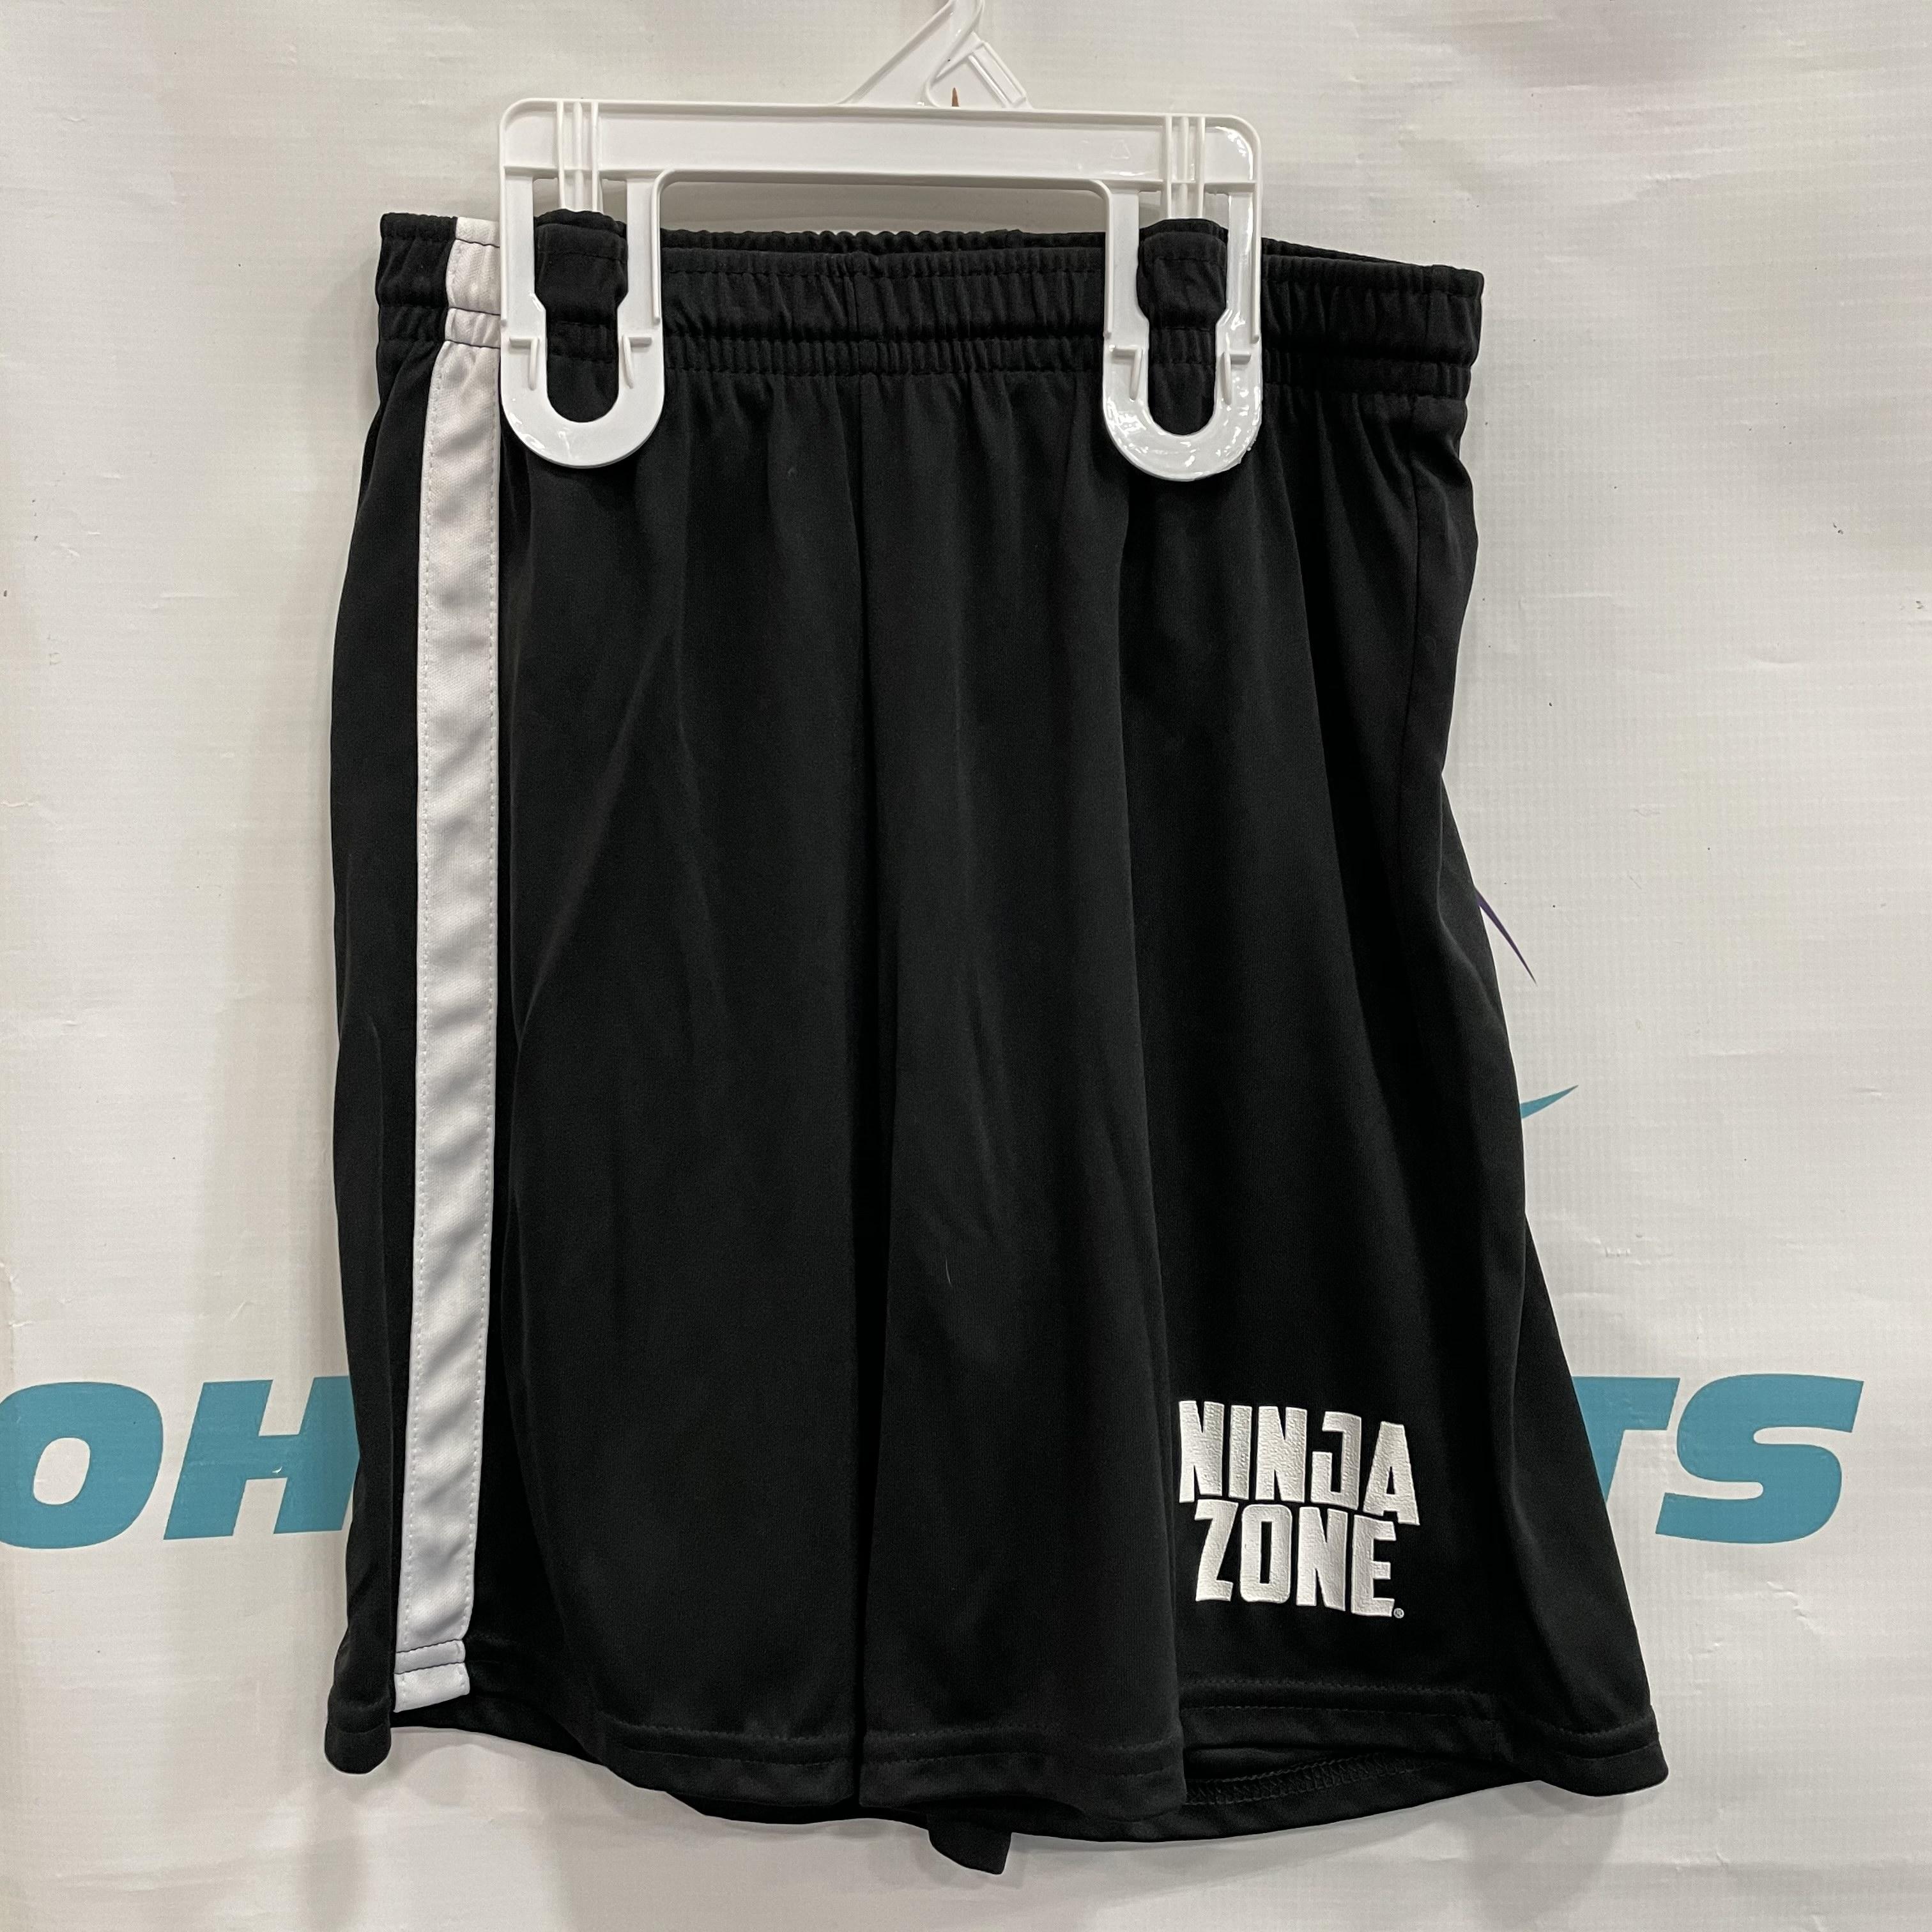 Ninja Shorts (Black)